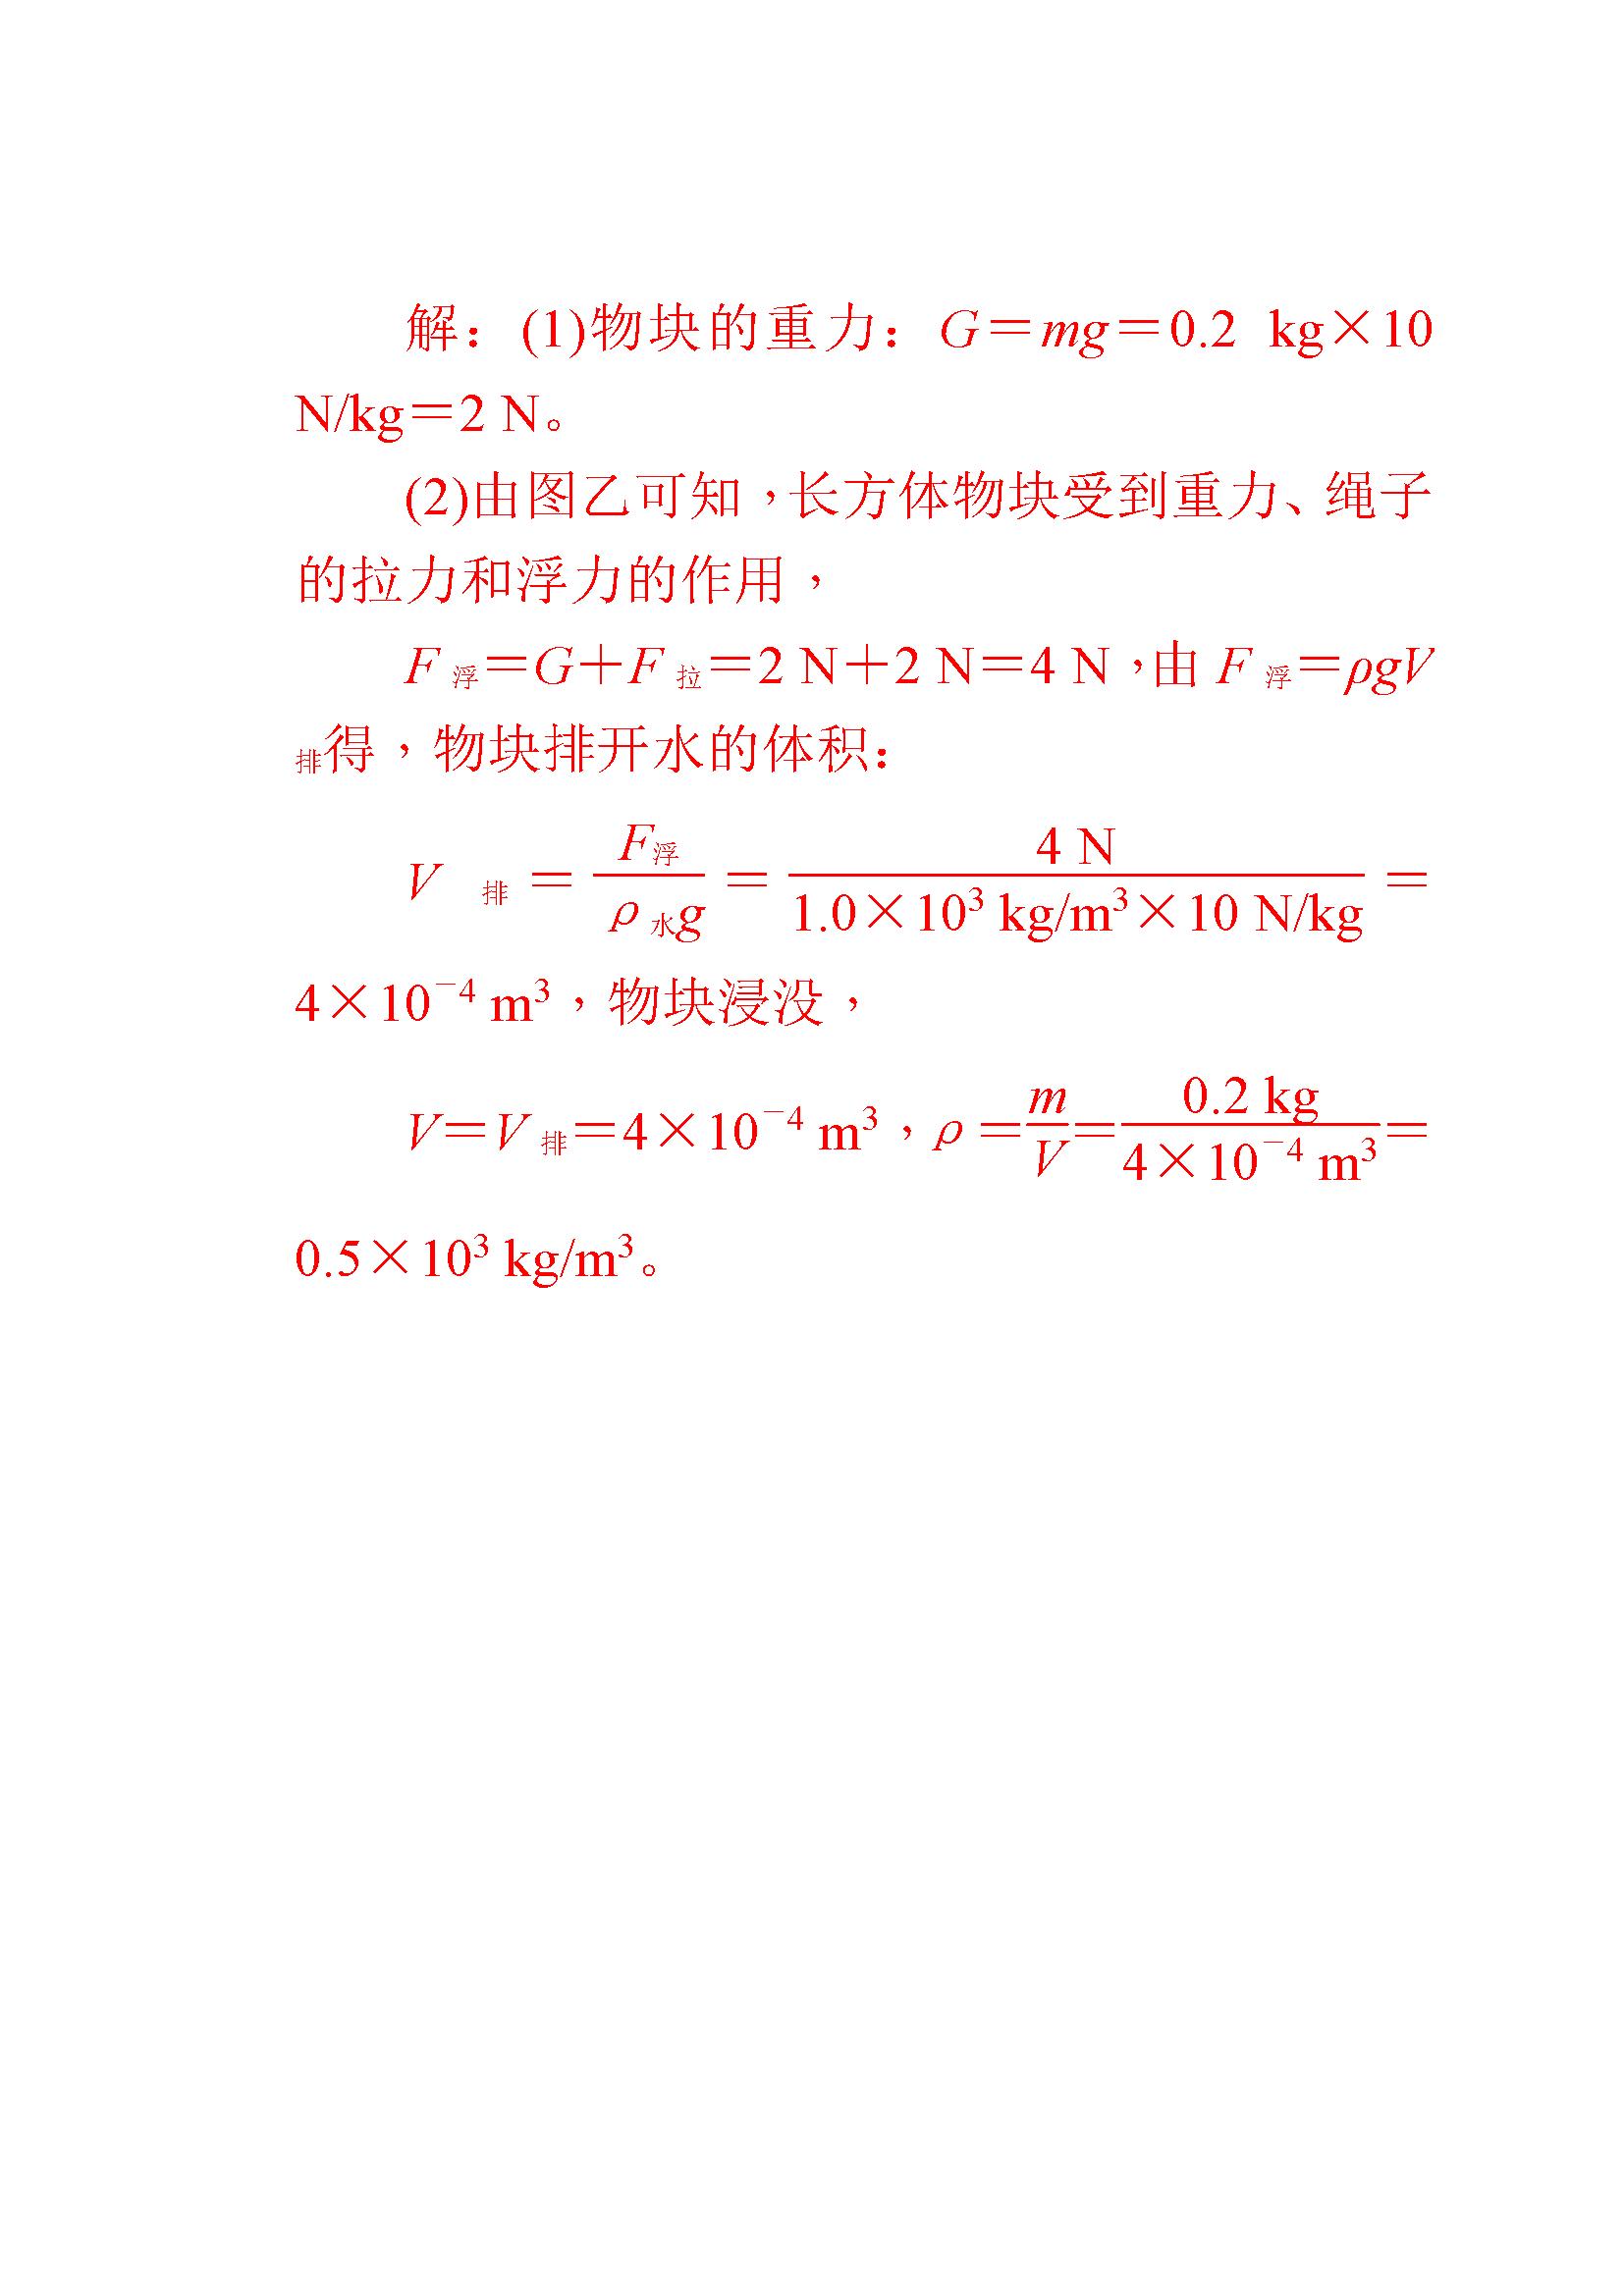 2018中考物理力学综合计算压轴题练习(二)答案(Word版)